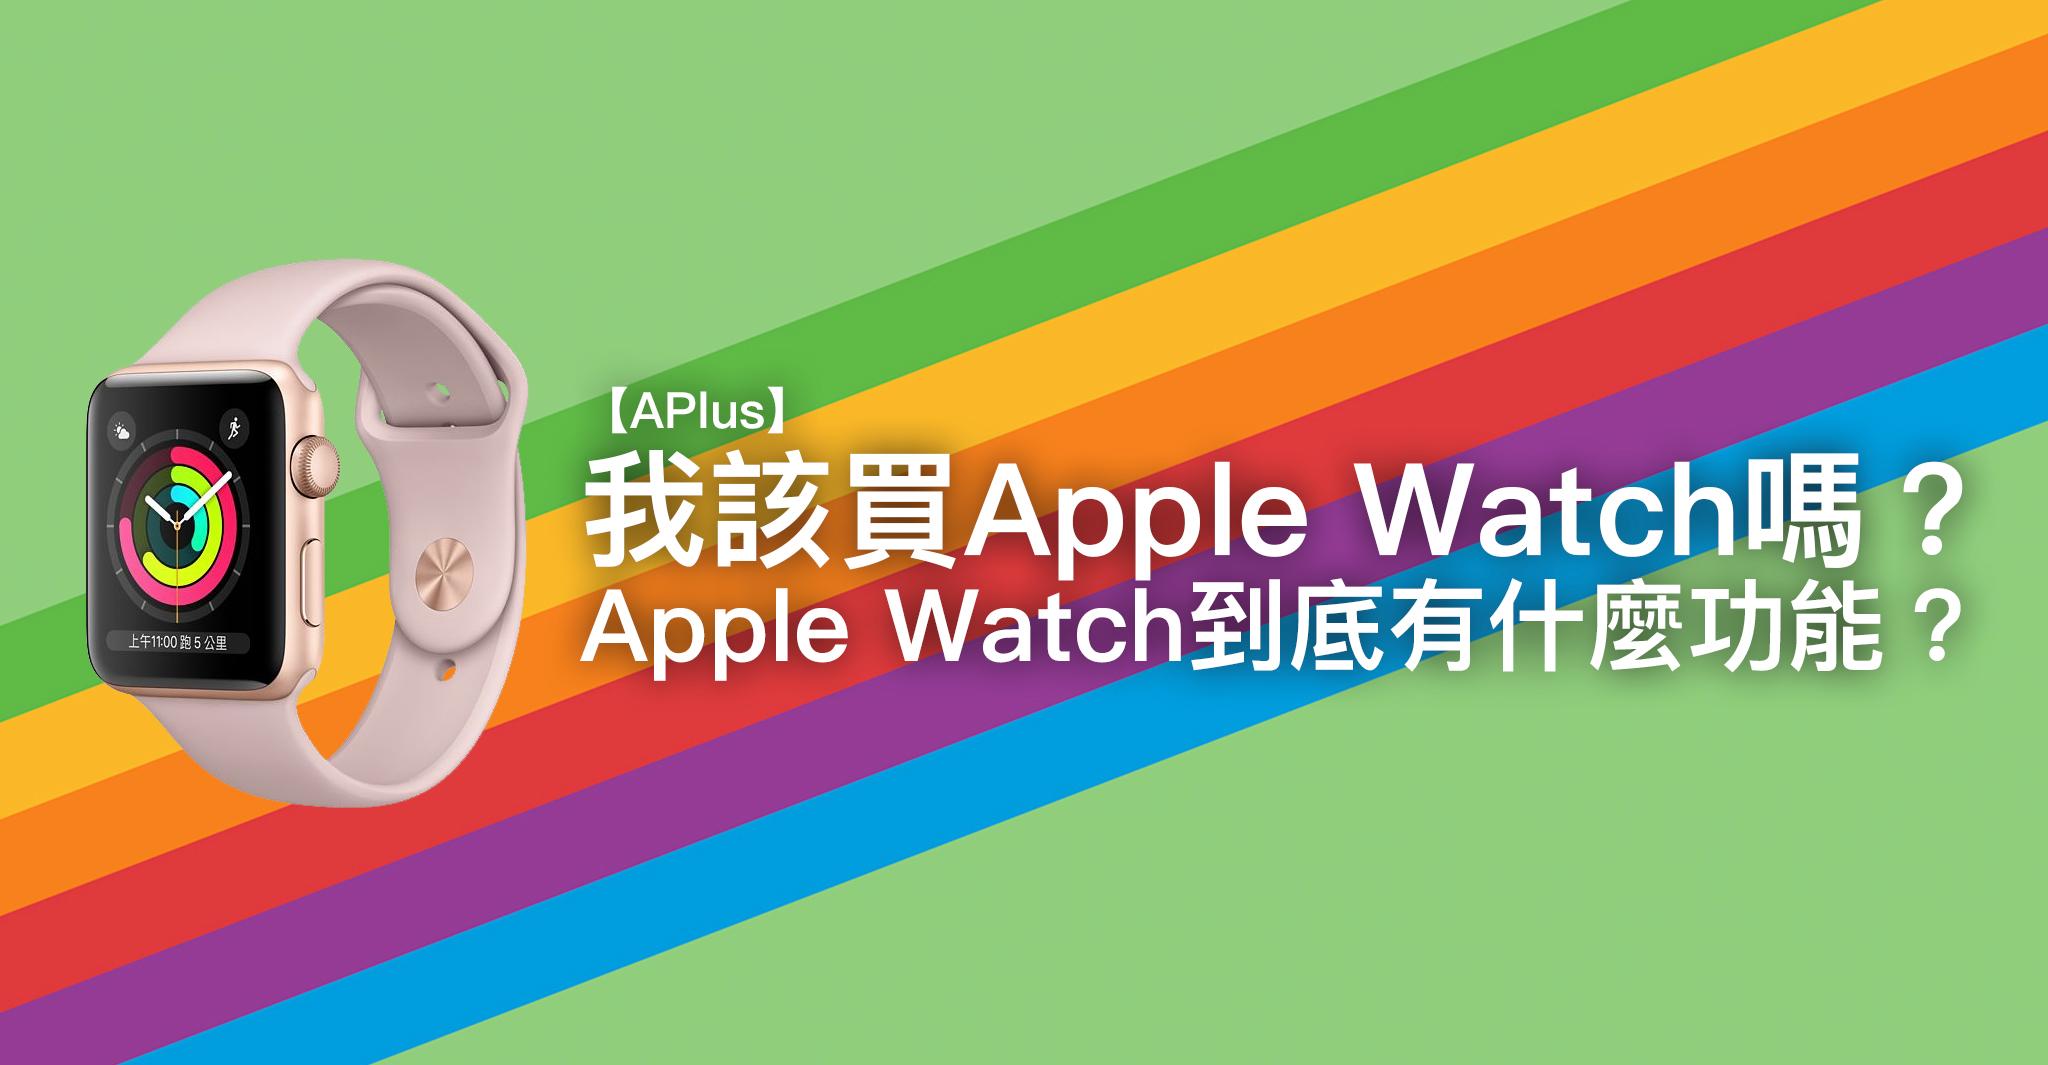 【APlus】 我該買Apple Watch嗎? Apple Watch到底有什麼功能?